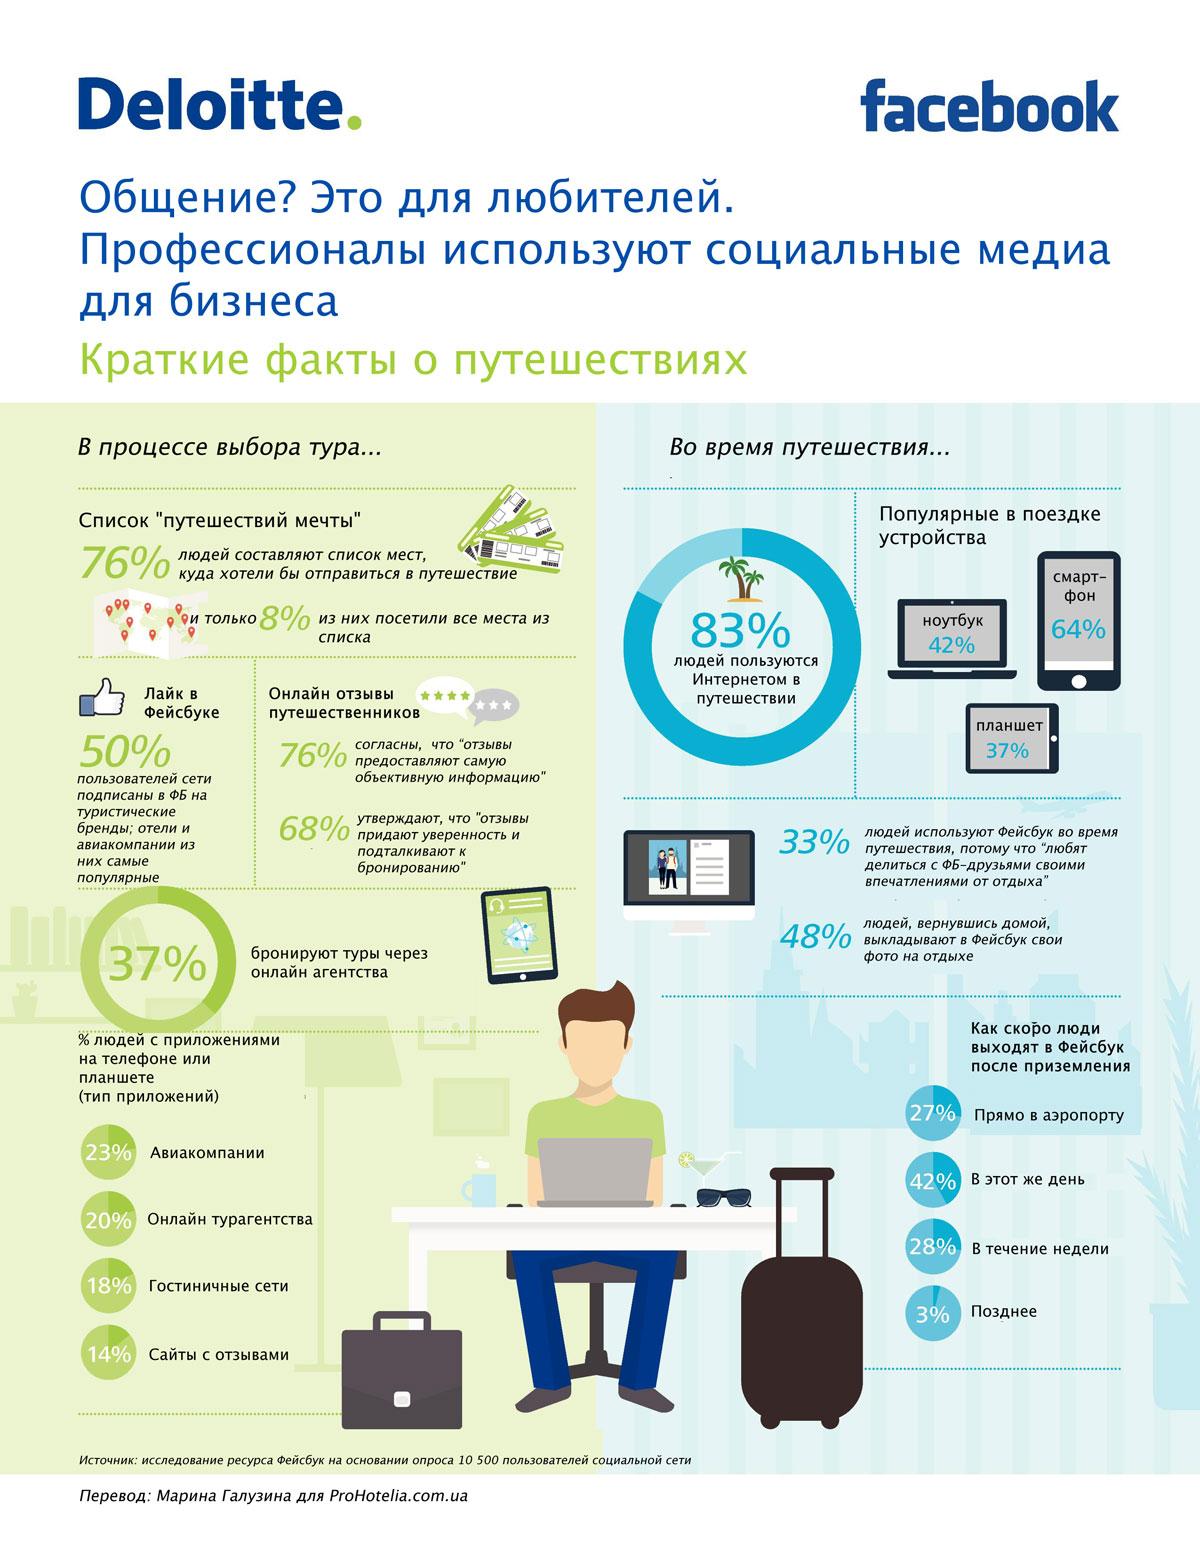 Социальные медиа означают бизнес